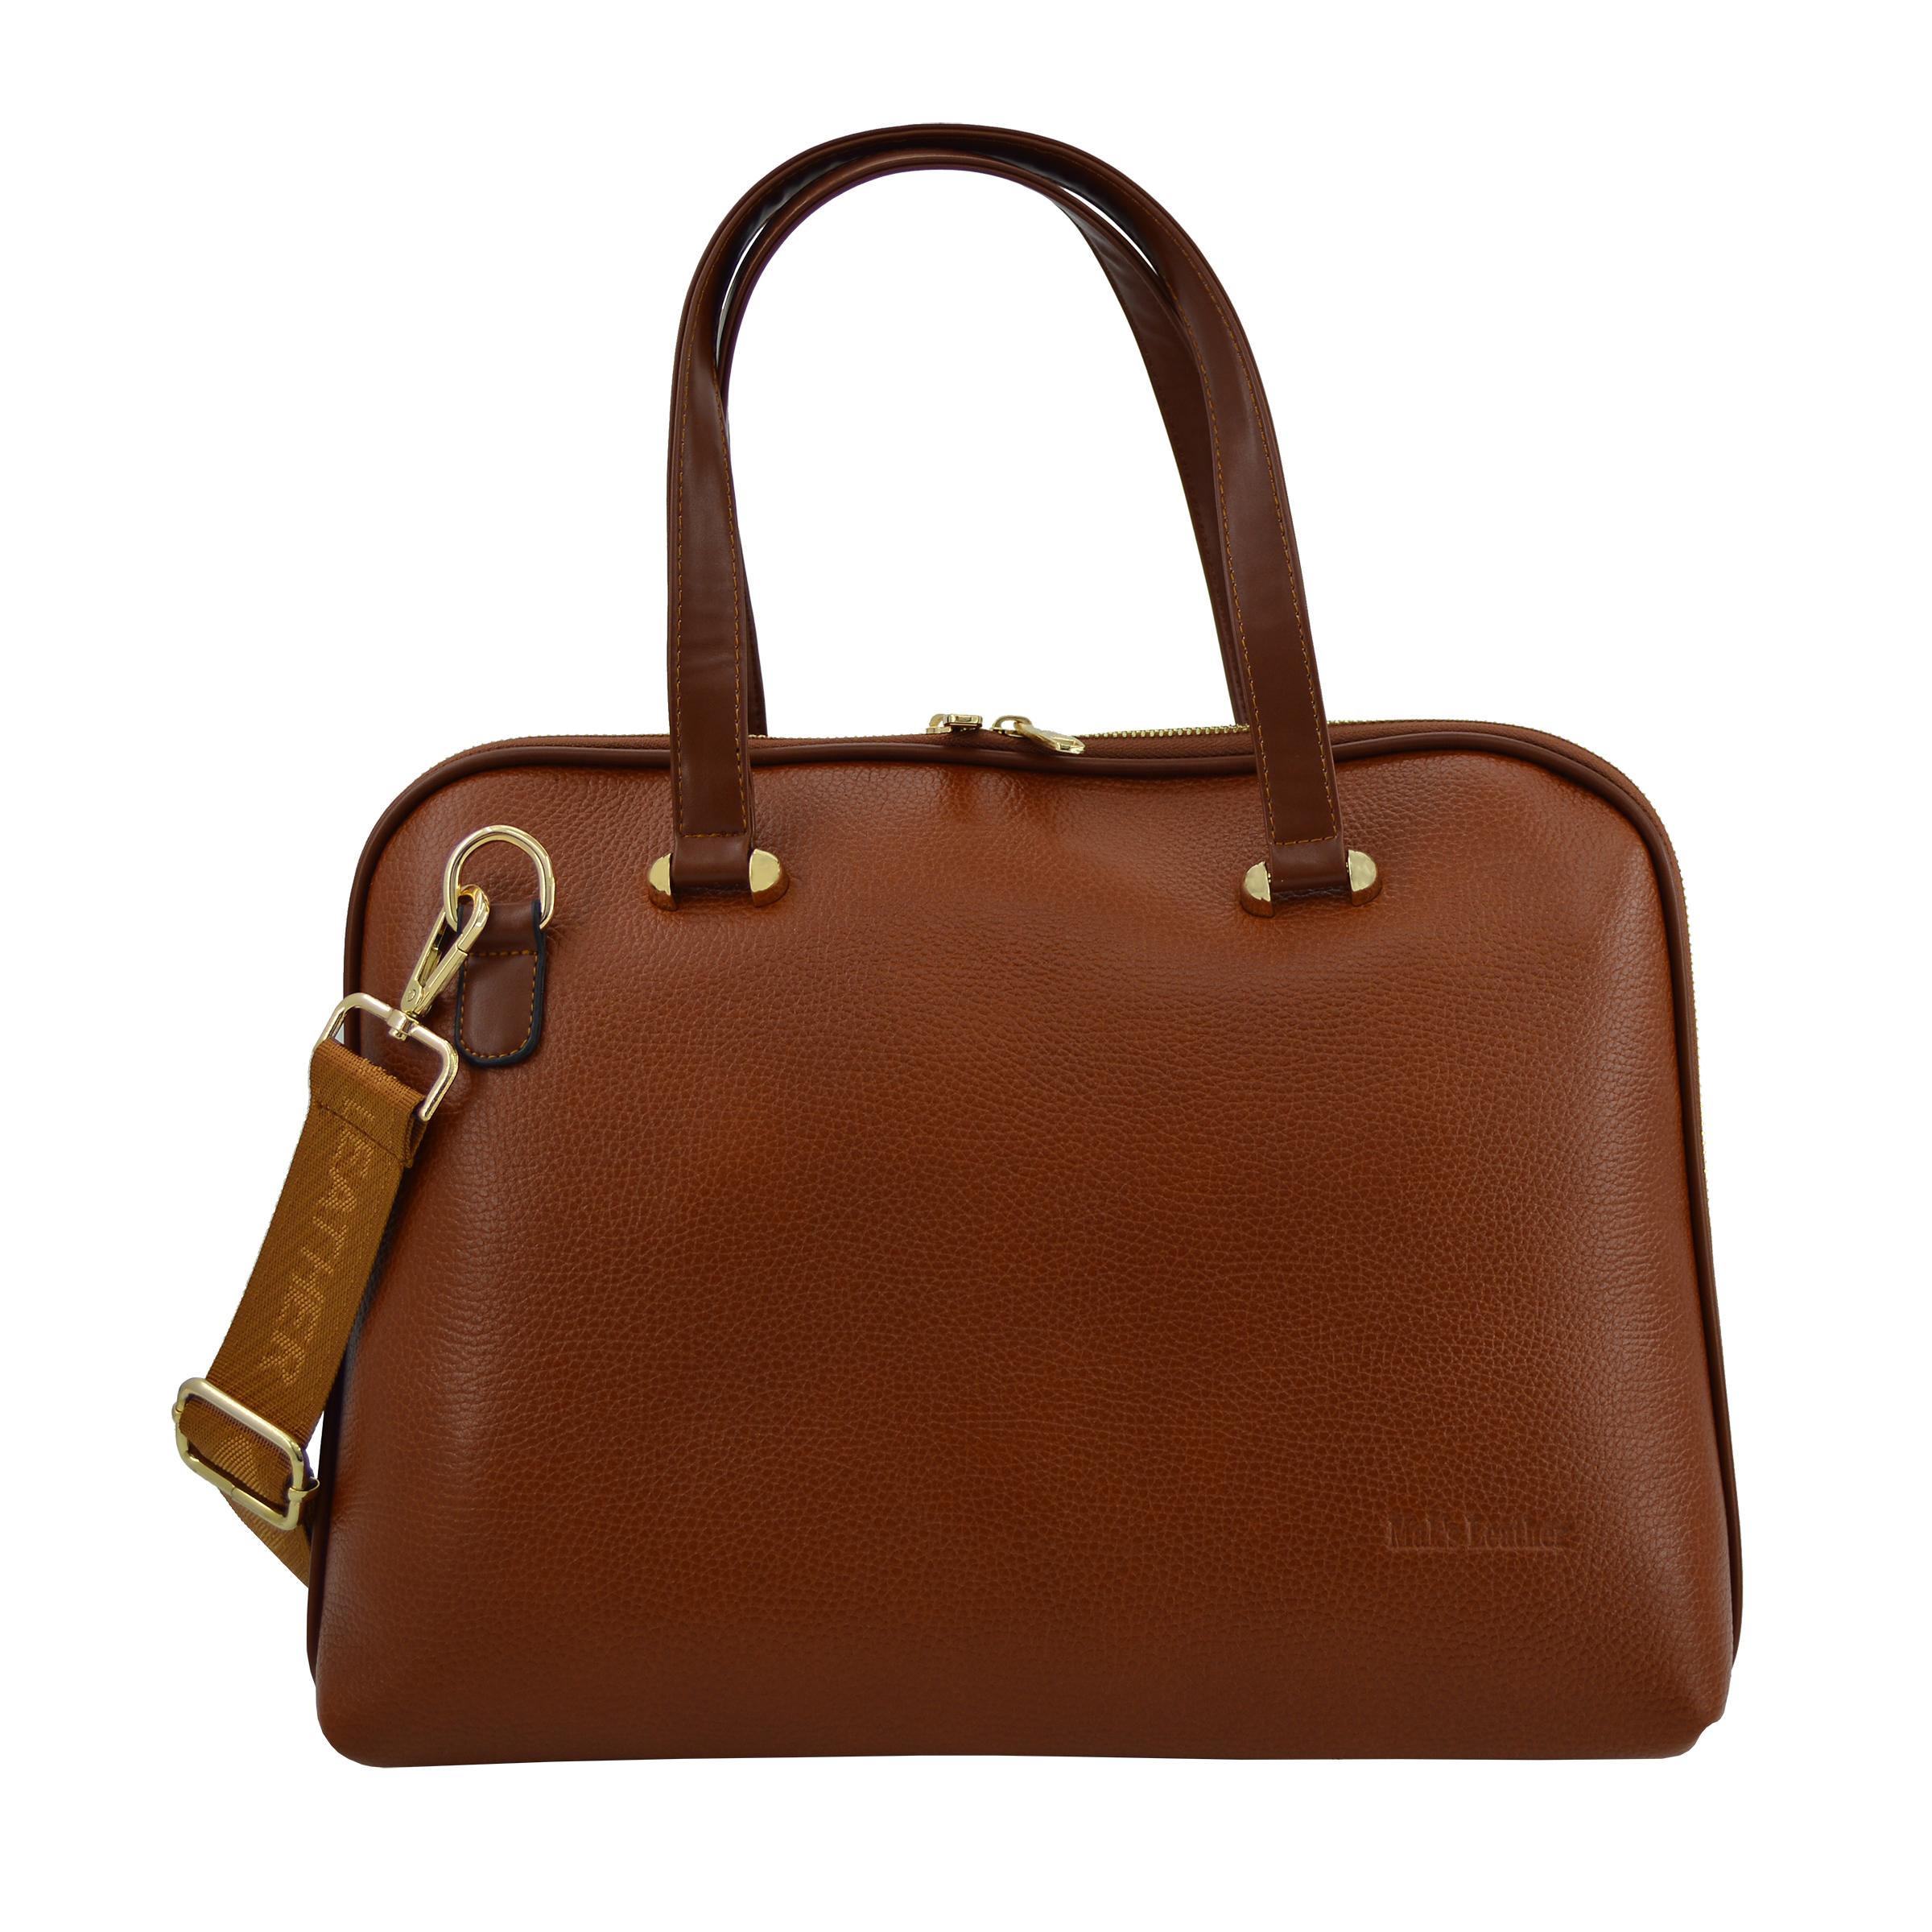 کیف دستی زنانه چرم مکس مدل آلدورا 12502